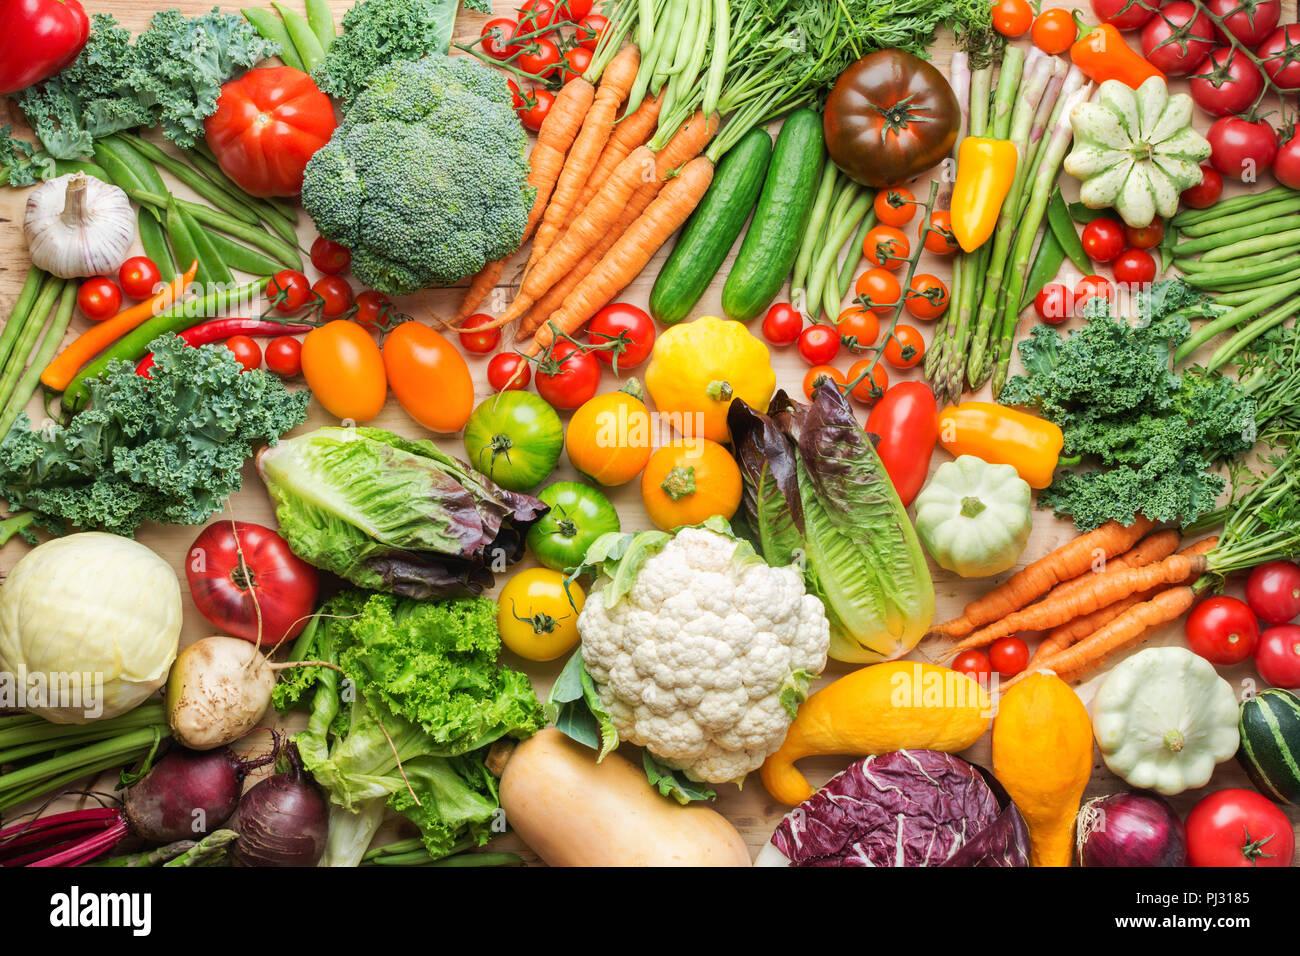 Sortiment an frischen bunten Gemüse aus ökologischem Anbau auf Holz Kiefer Tisch, gesundes Essen Hintergrund, Ansicht von oben, selektiver Fokus Stockbild